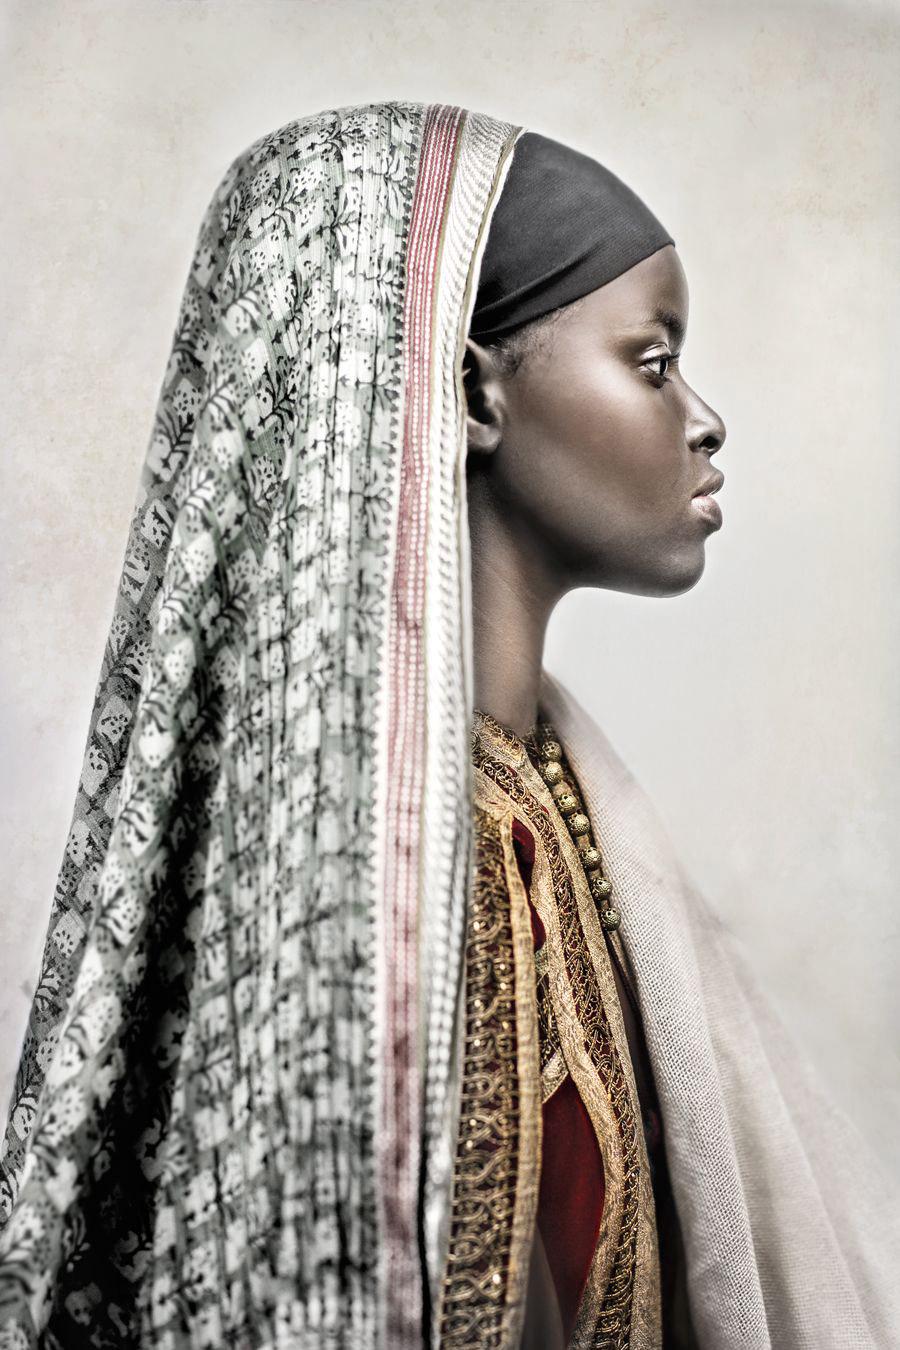 Diaspora: Muna, © Dagmar Van Weeghel, Netherlands, Finalists, LensCulture Portrait Awards